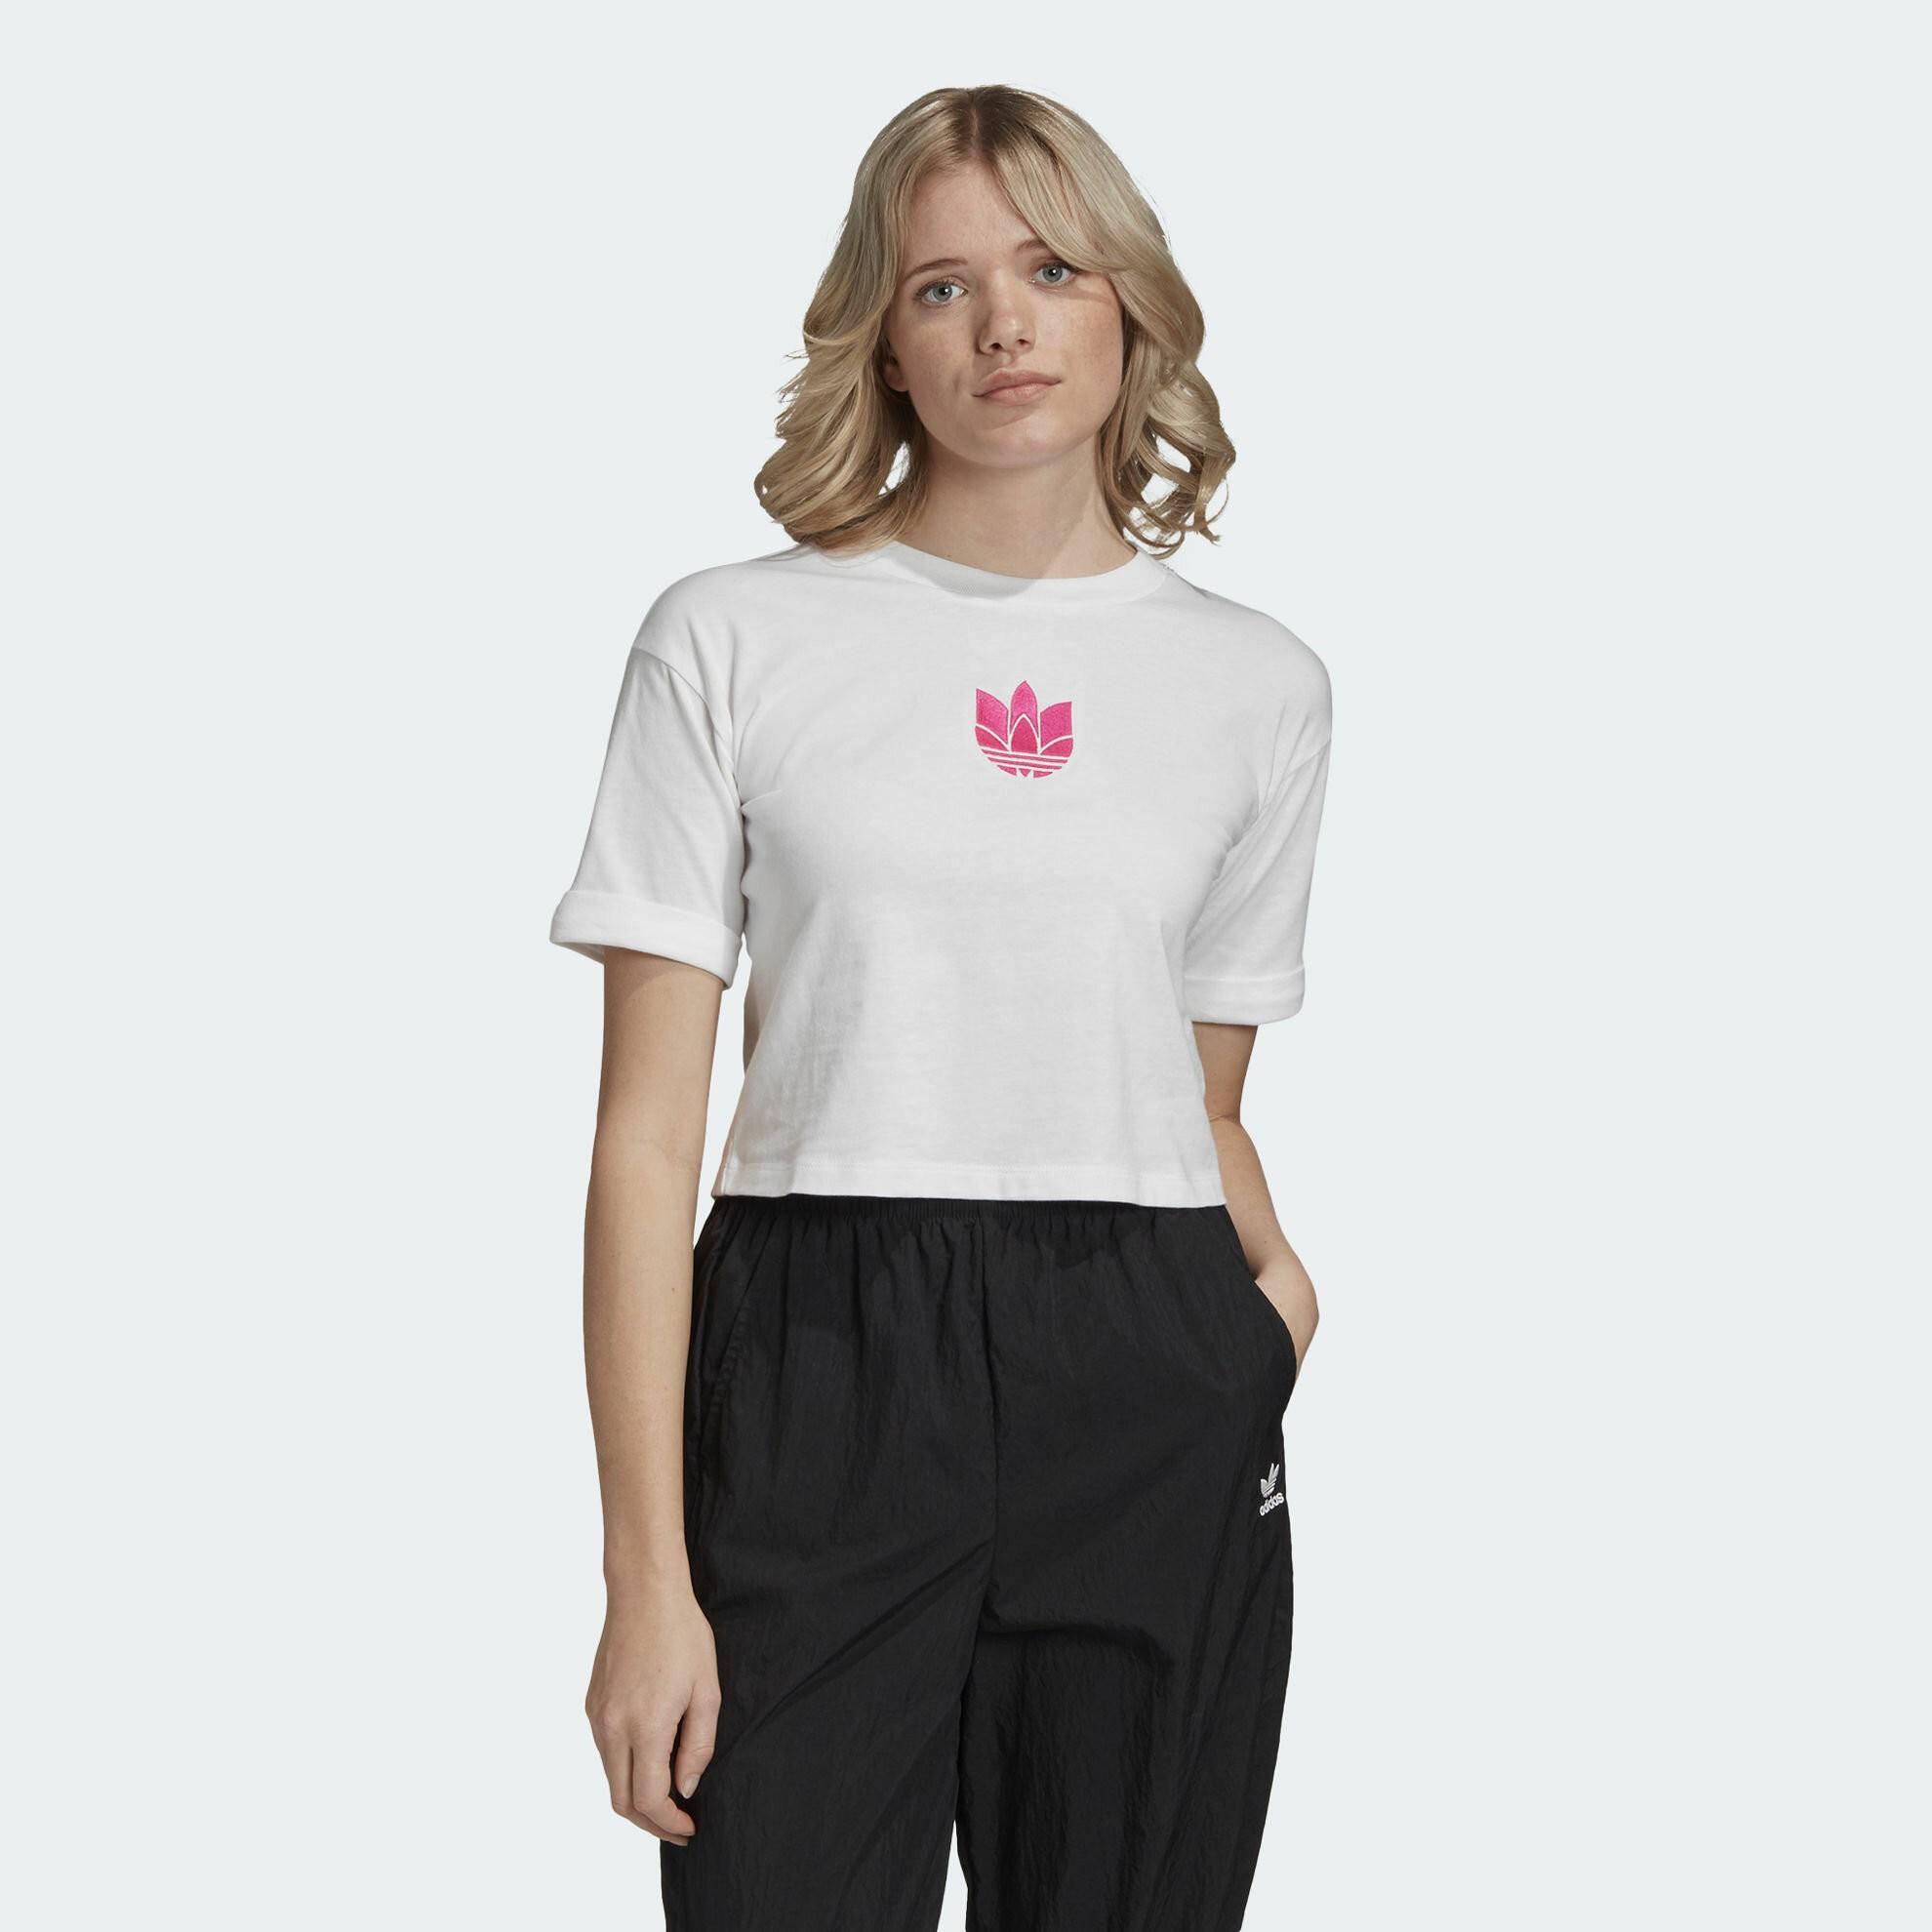 أشكال ملابس رياضية-ملابس قطنية اديداس